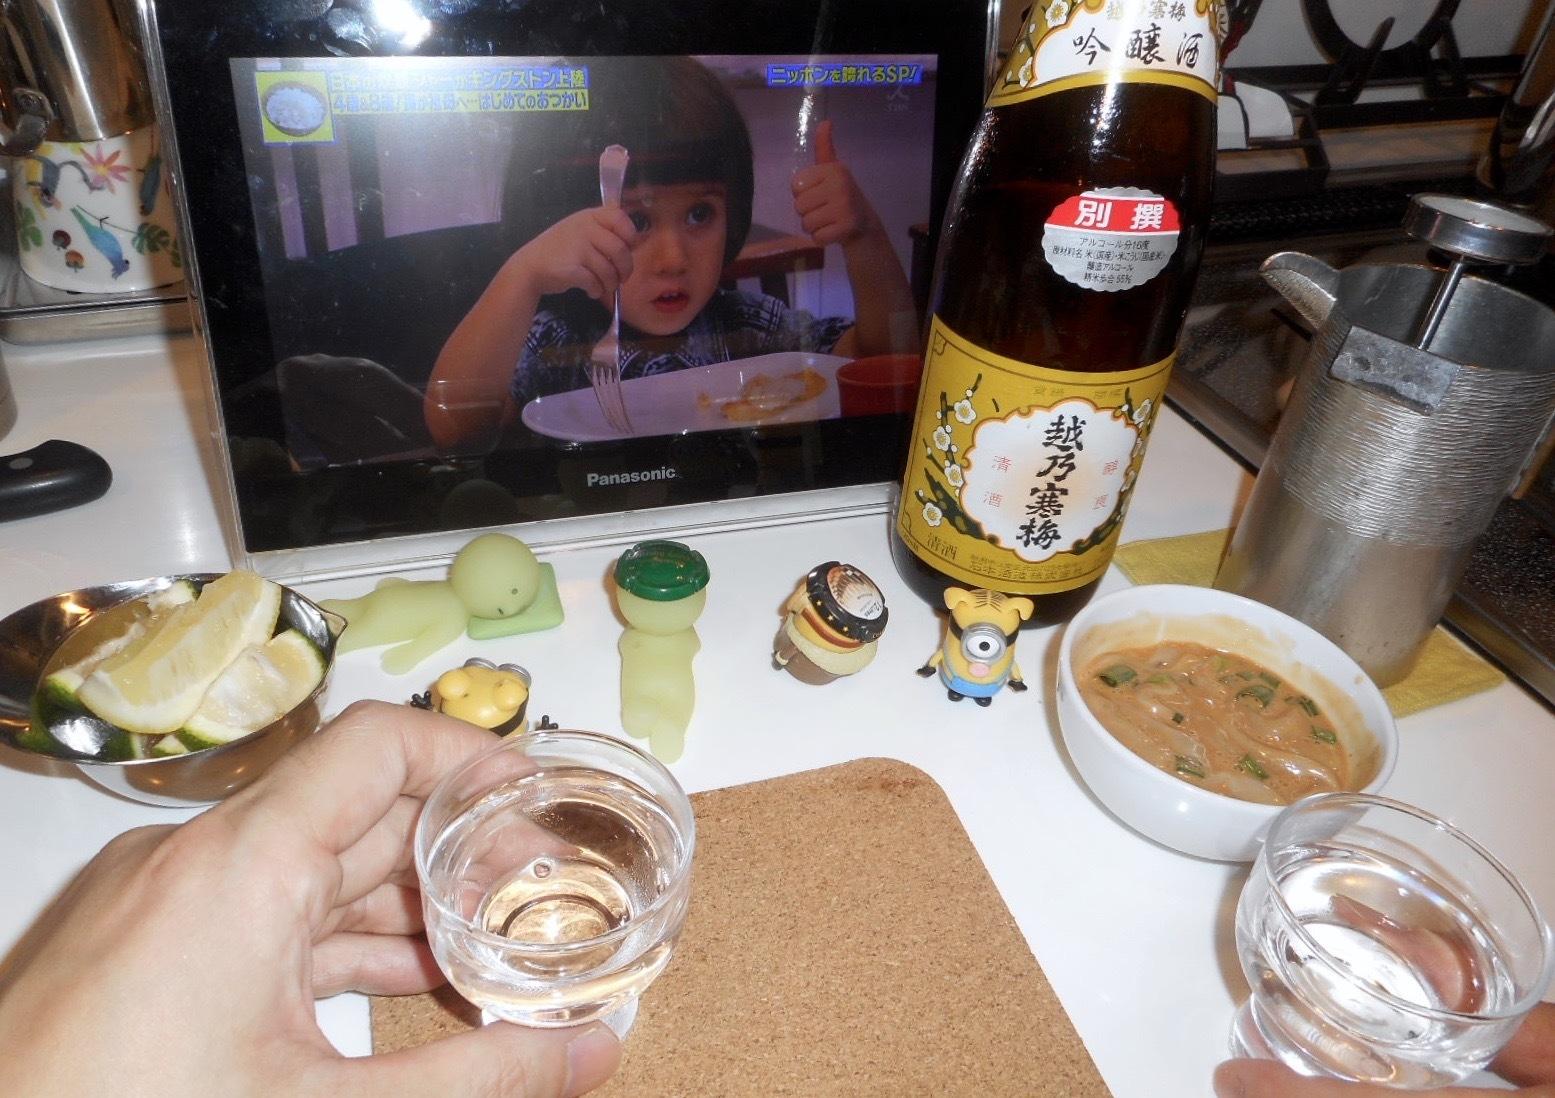 koshinokanbai_ginjo29by4.jpg